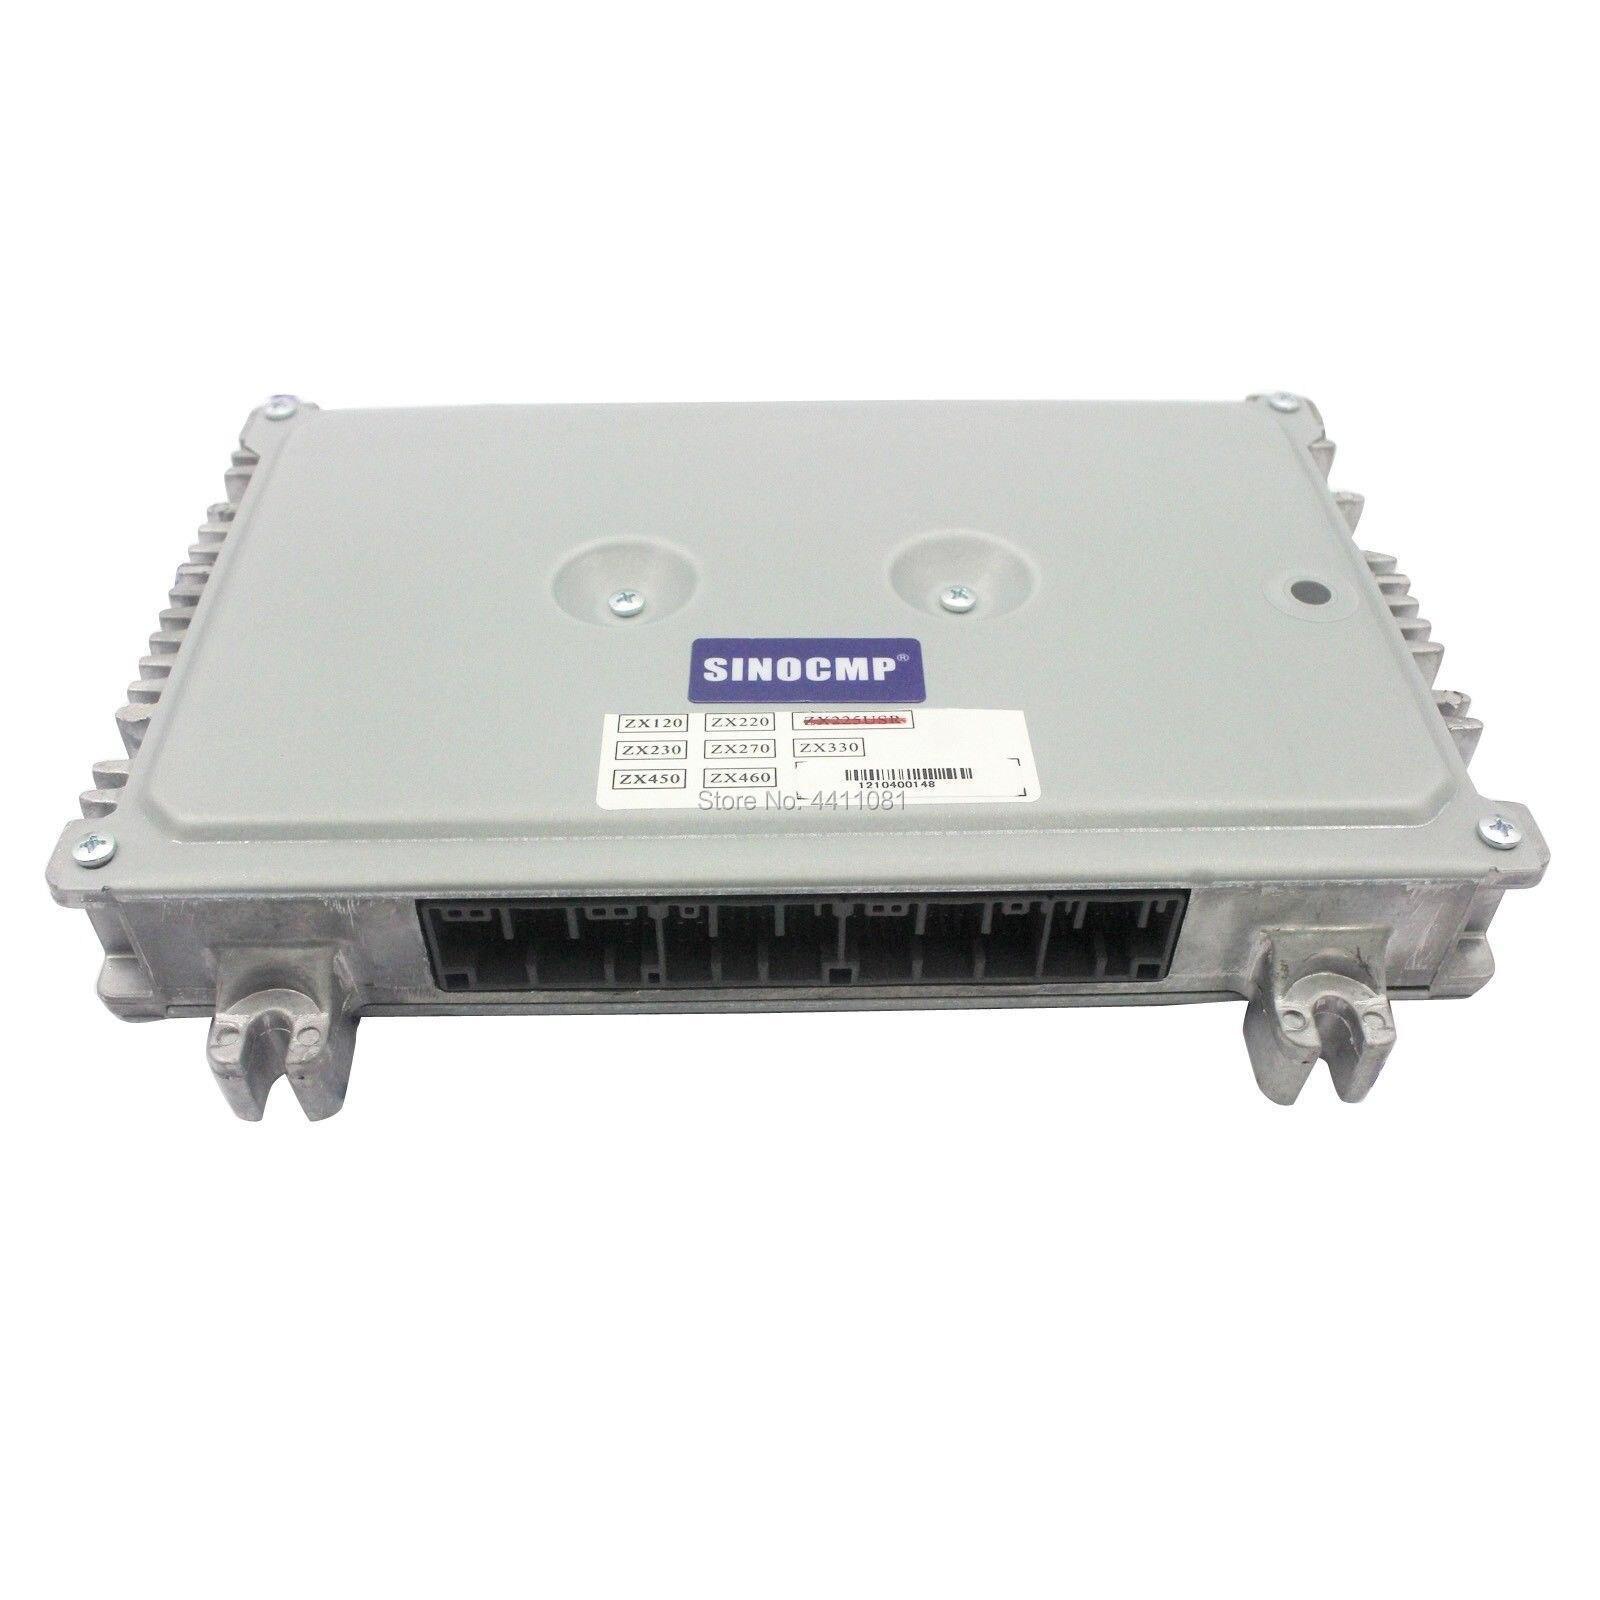 Zaxis ZAX ZX120-270 Controller 0241117000 per Hitachi Escavatore BOX CPU, 1 anno di garanziaZaxis ZAX ZX120-270 Controller 0241117000 per Hitachi Escavatore BOX CPU, 1 anno di garanzia